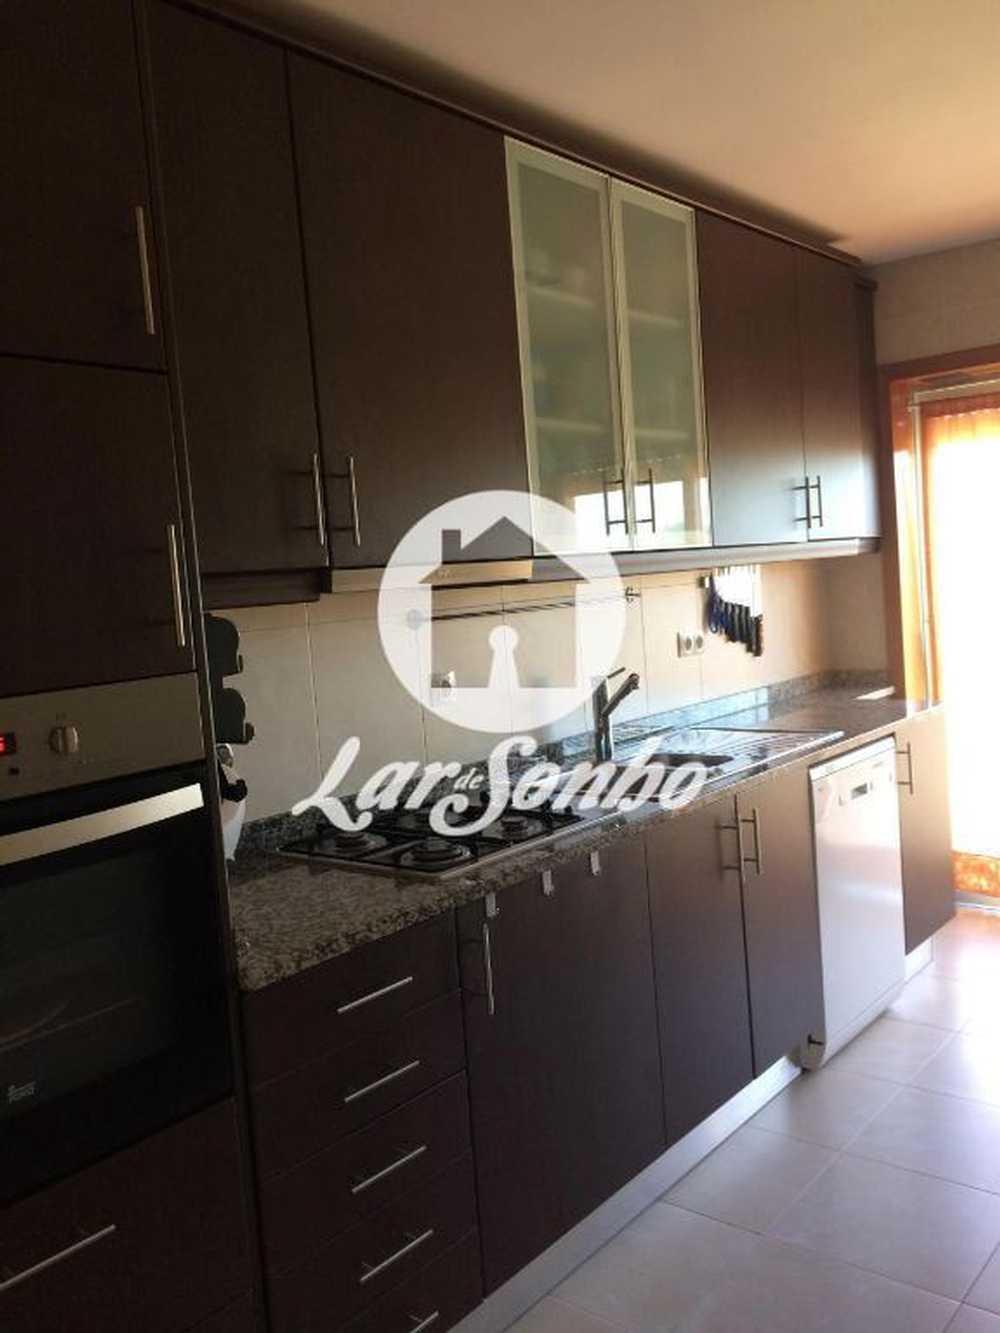 Cavalões Vila Nova De Famalicão 屋 照片 #request.properties.id#